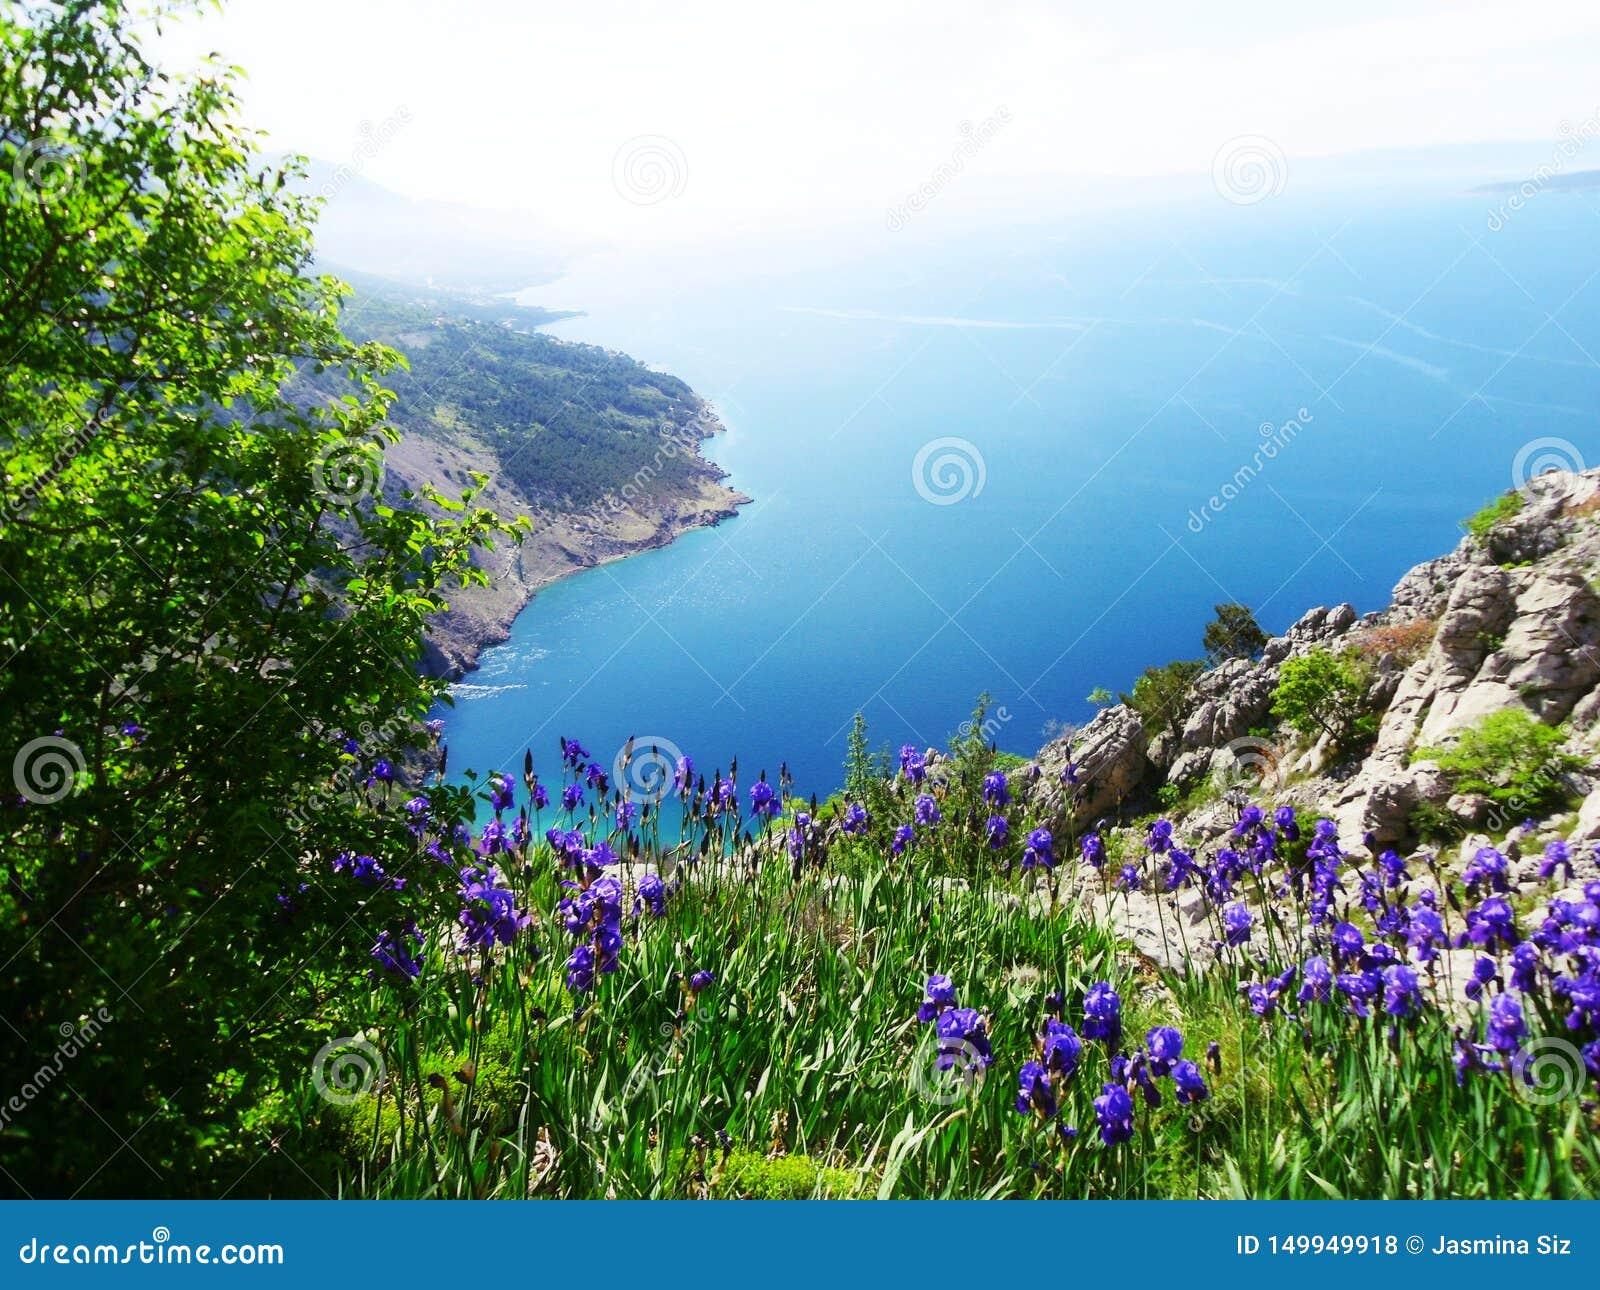 Wspaniały widok na Adriatyckim morzu w Dalmatia, region w Chorwacja, Europa